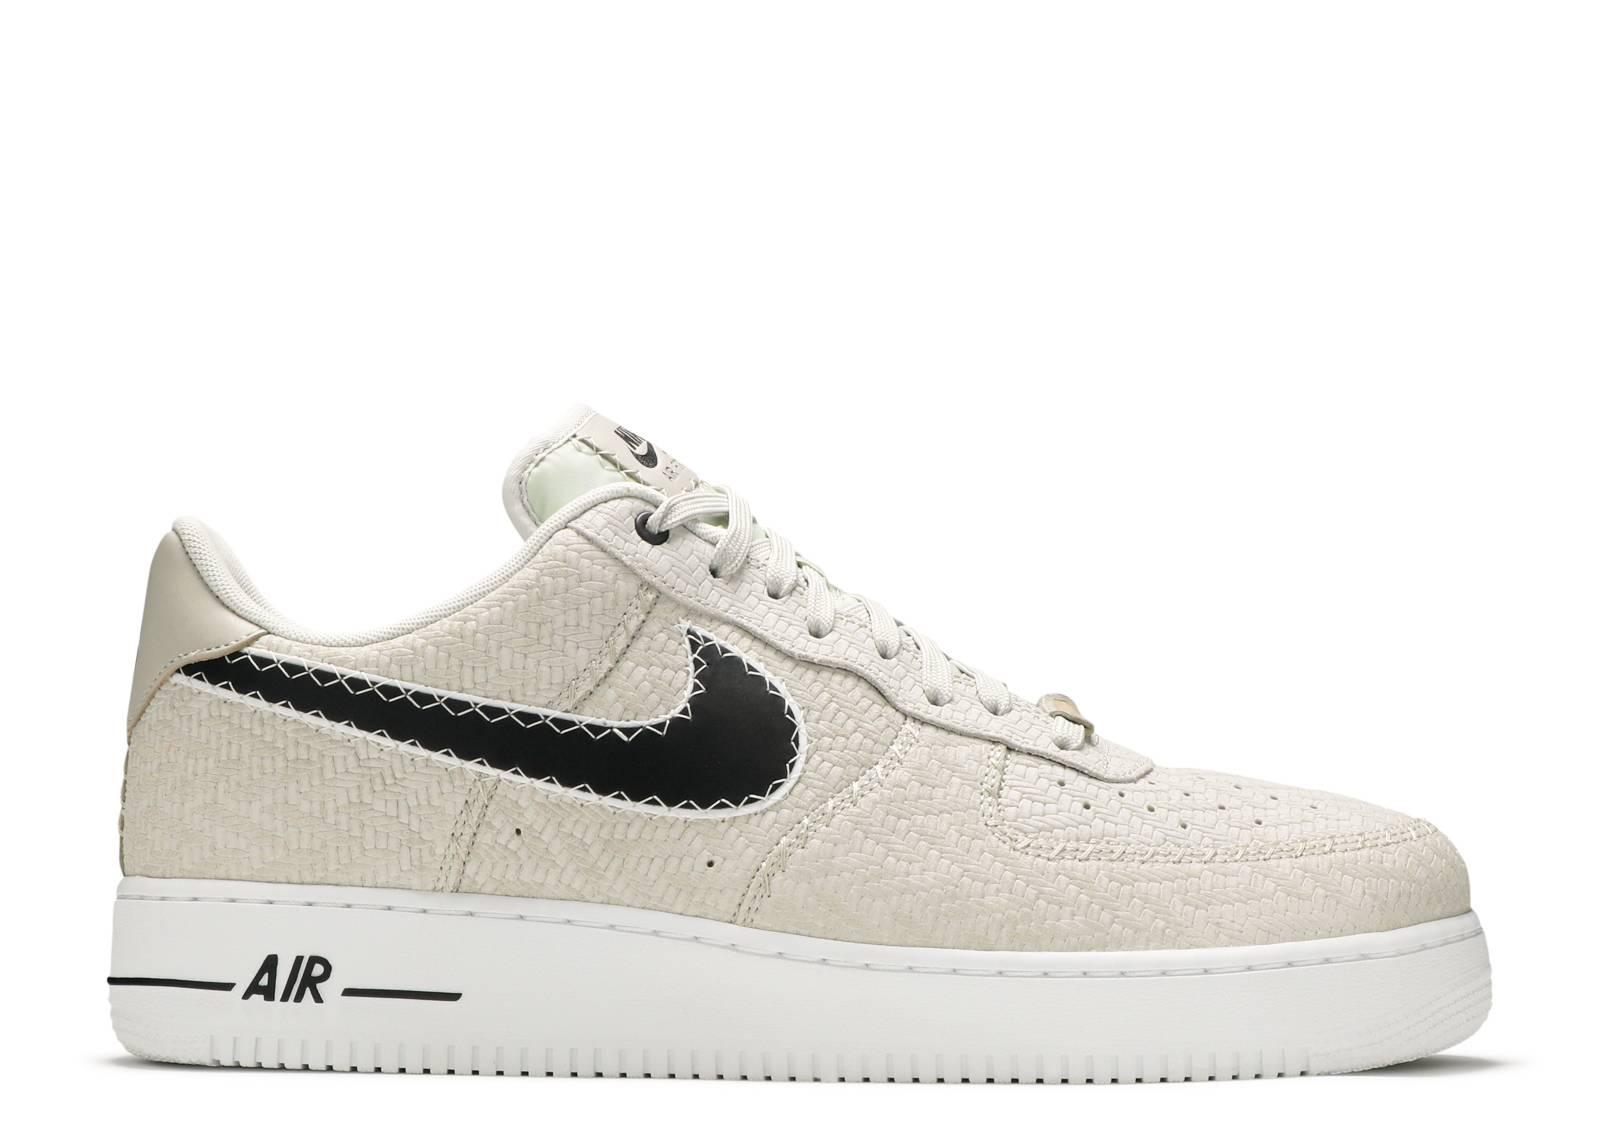 air force 1 '07 n7